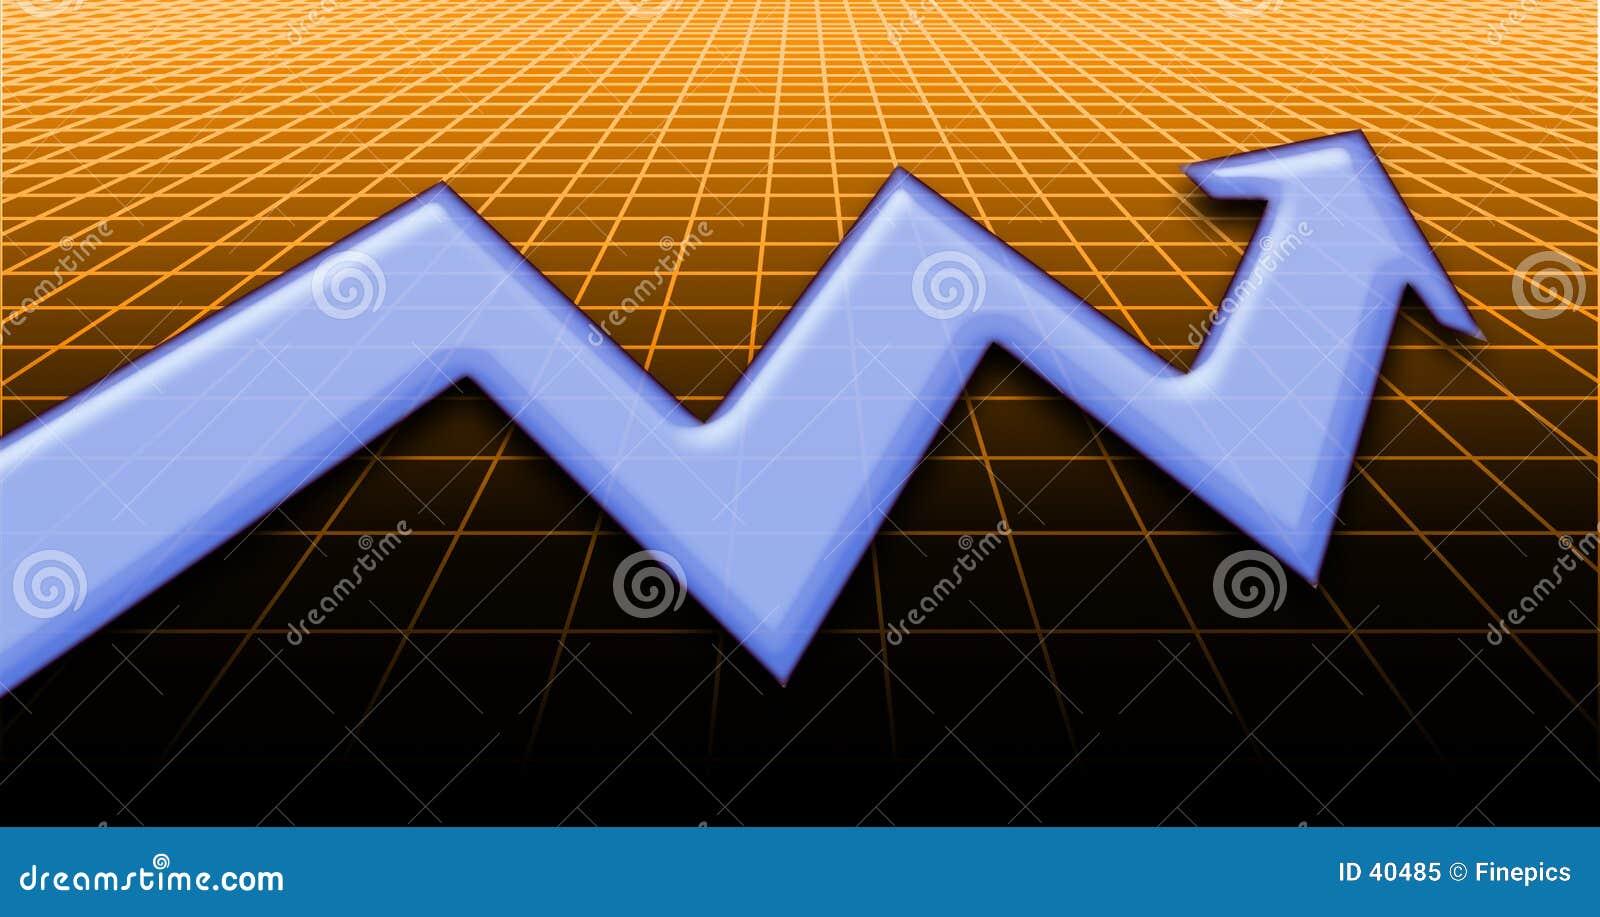 Stocks Rising #2